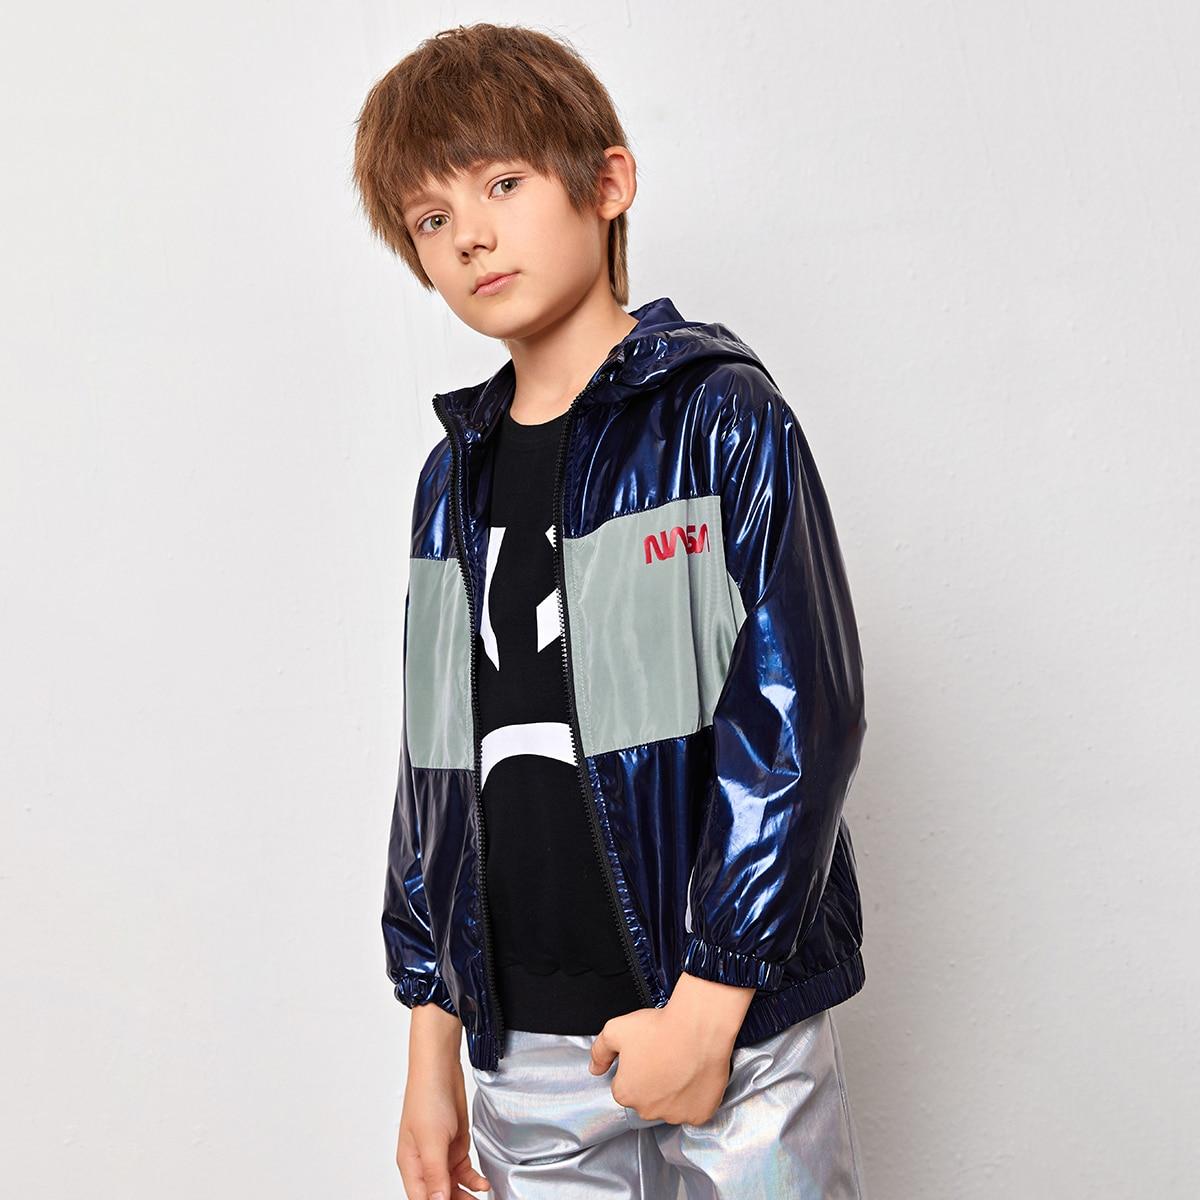 Контрастная куртка на молнии с капюшоном и текстовым принтом для мальчиков